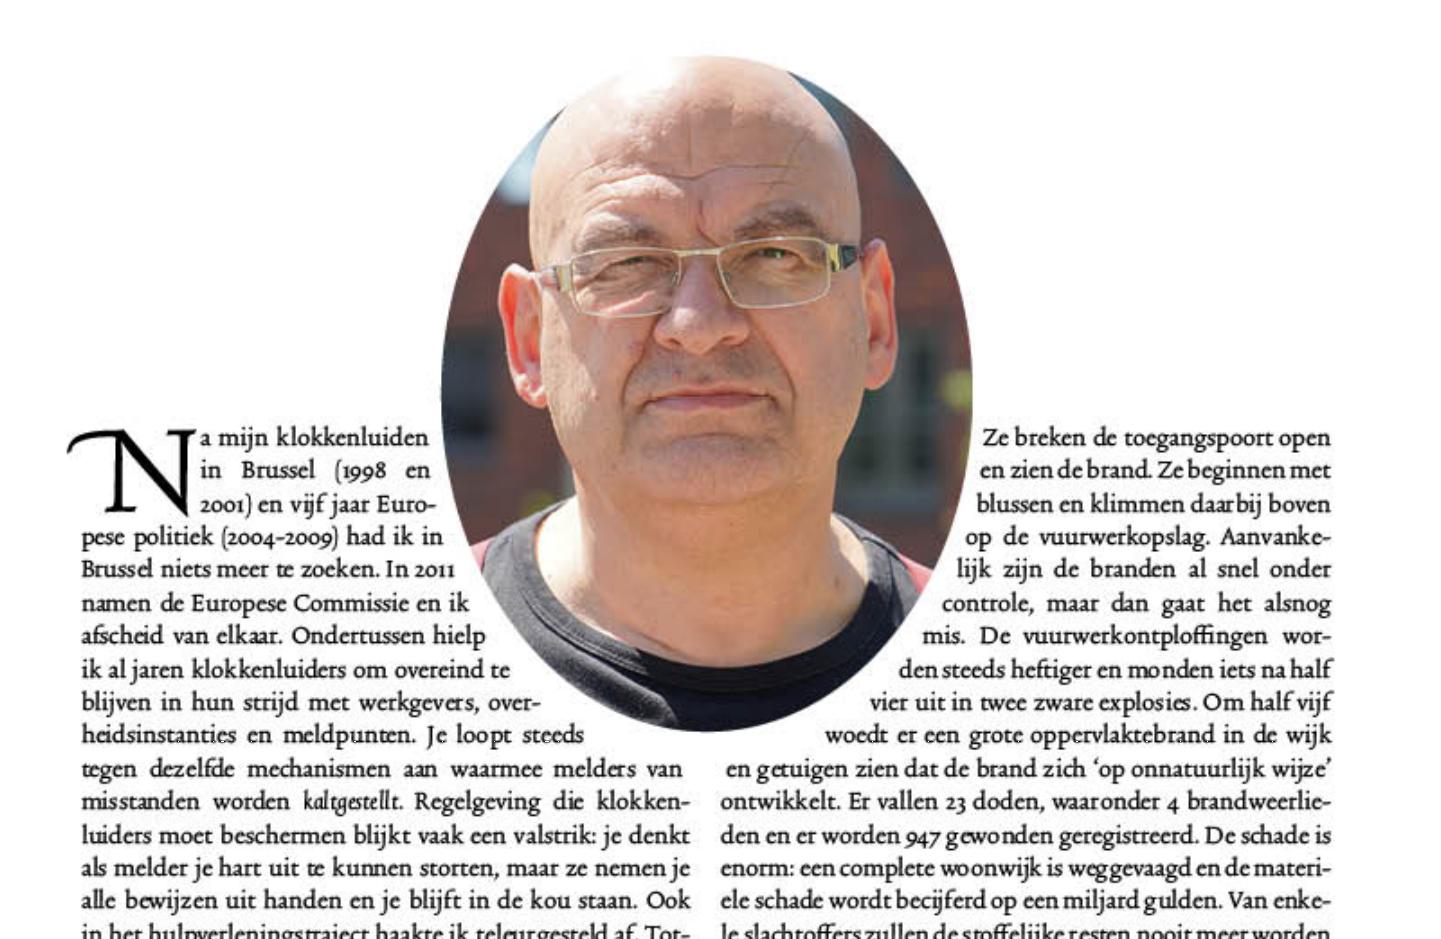 Paul van Buitenen: De maagdelijkheid van Erik Akerboom